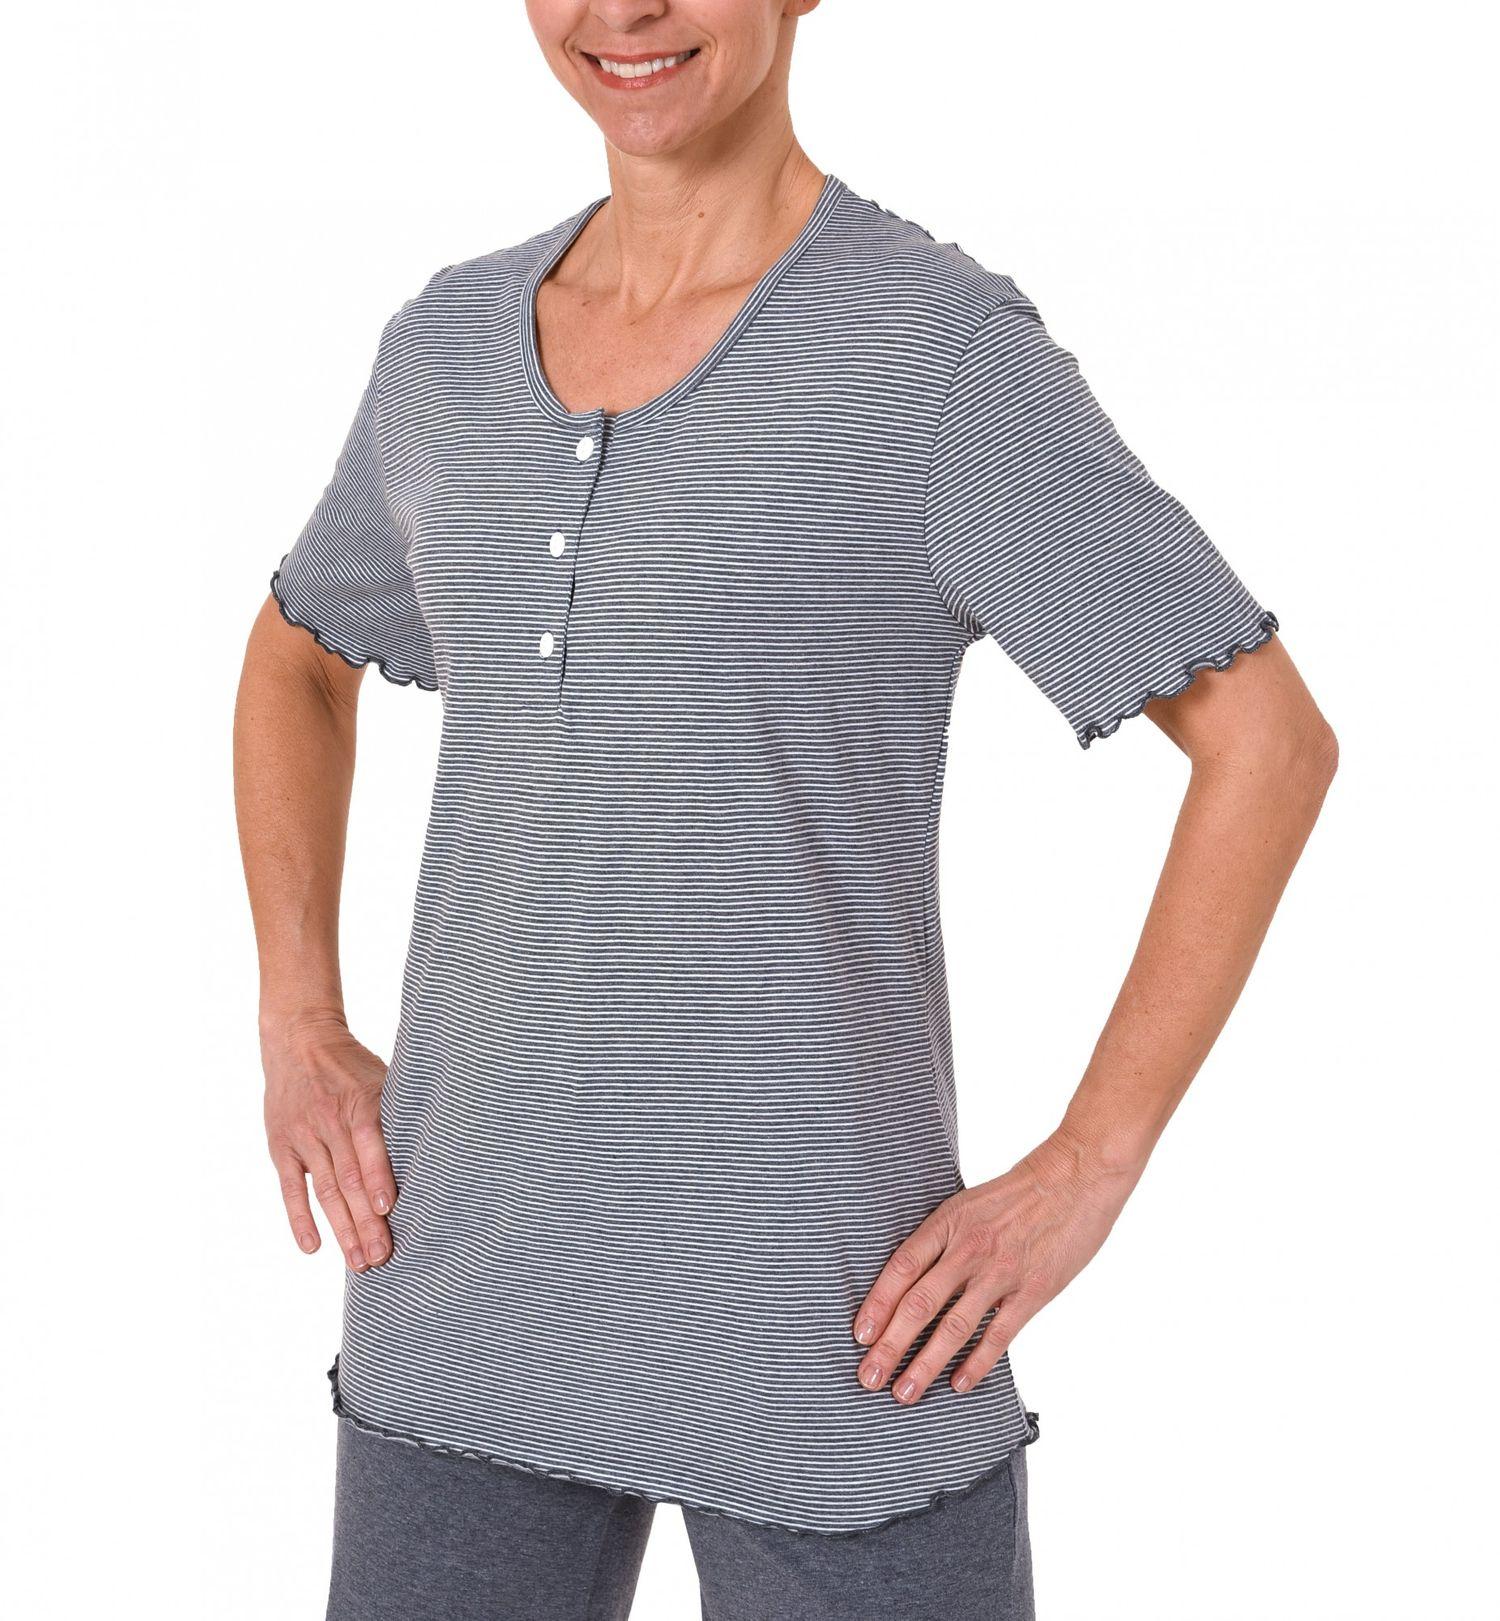 Damen Shirt  Oberteil - kurzarm Mix & Match Streifendessin – 171 220 90 903 – Bild 1